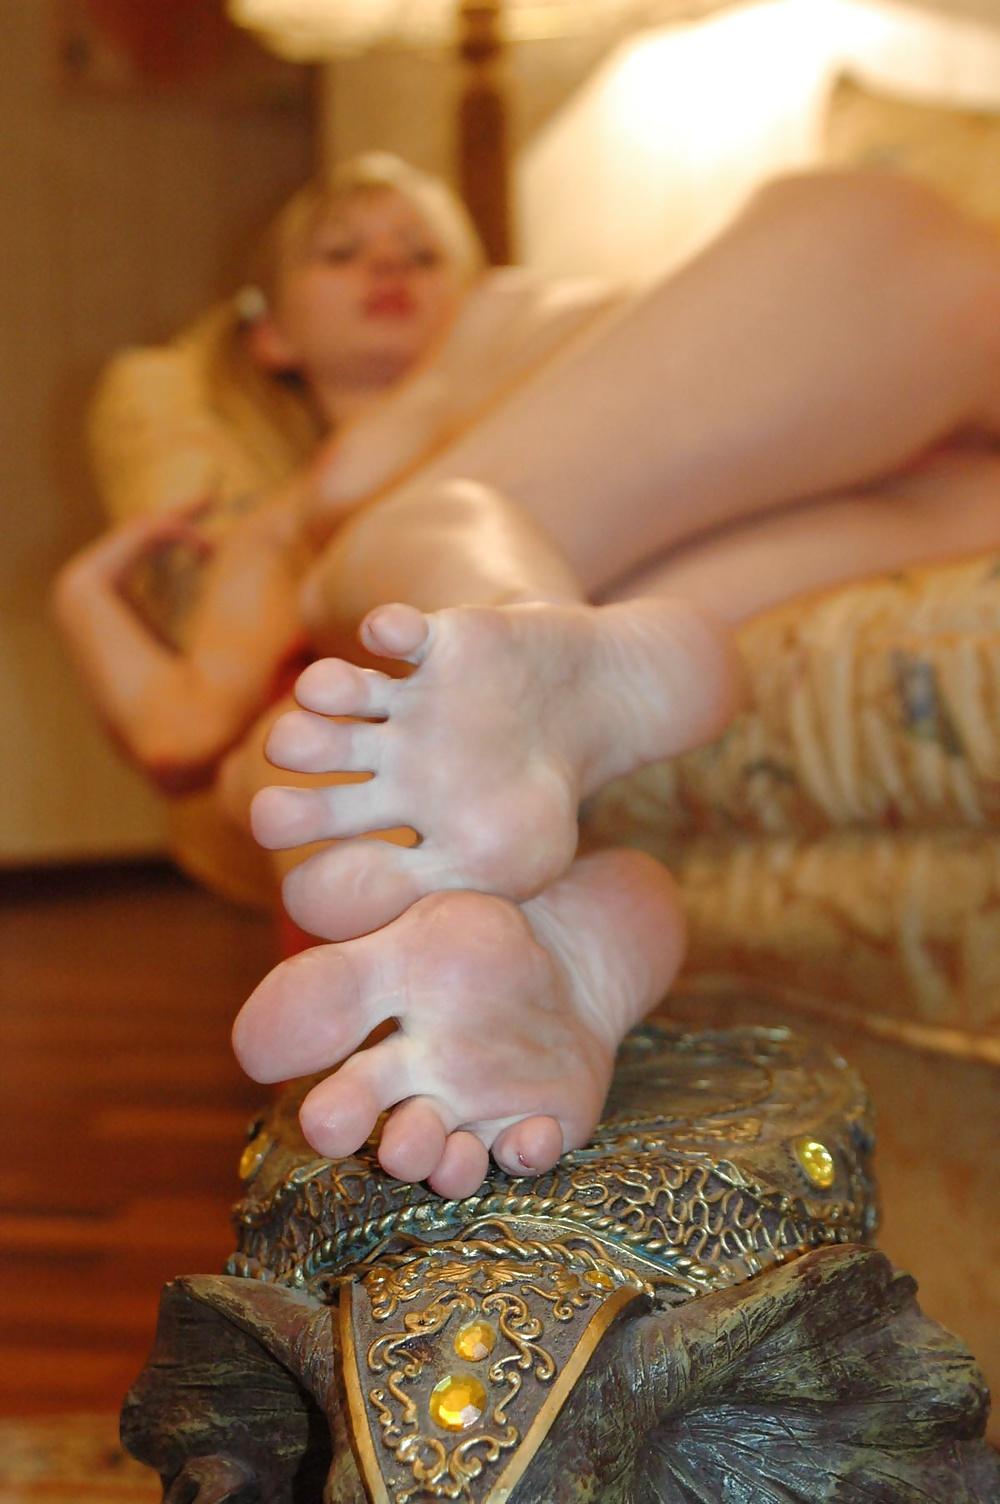 Free Aktbildern mit Fantastische Blondiene